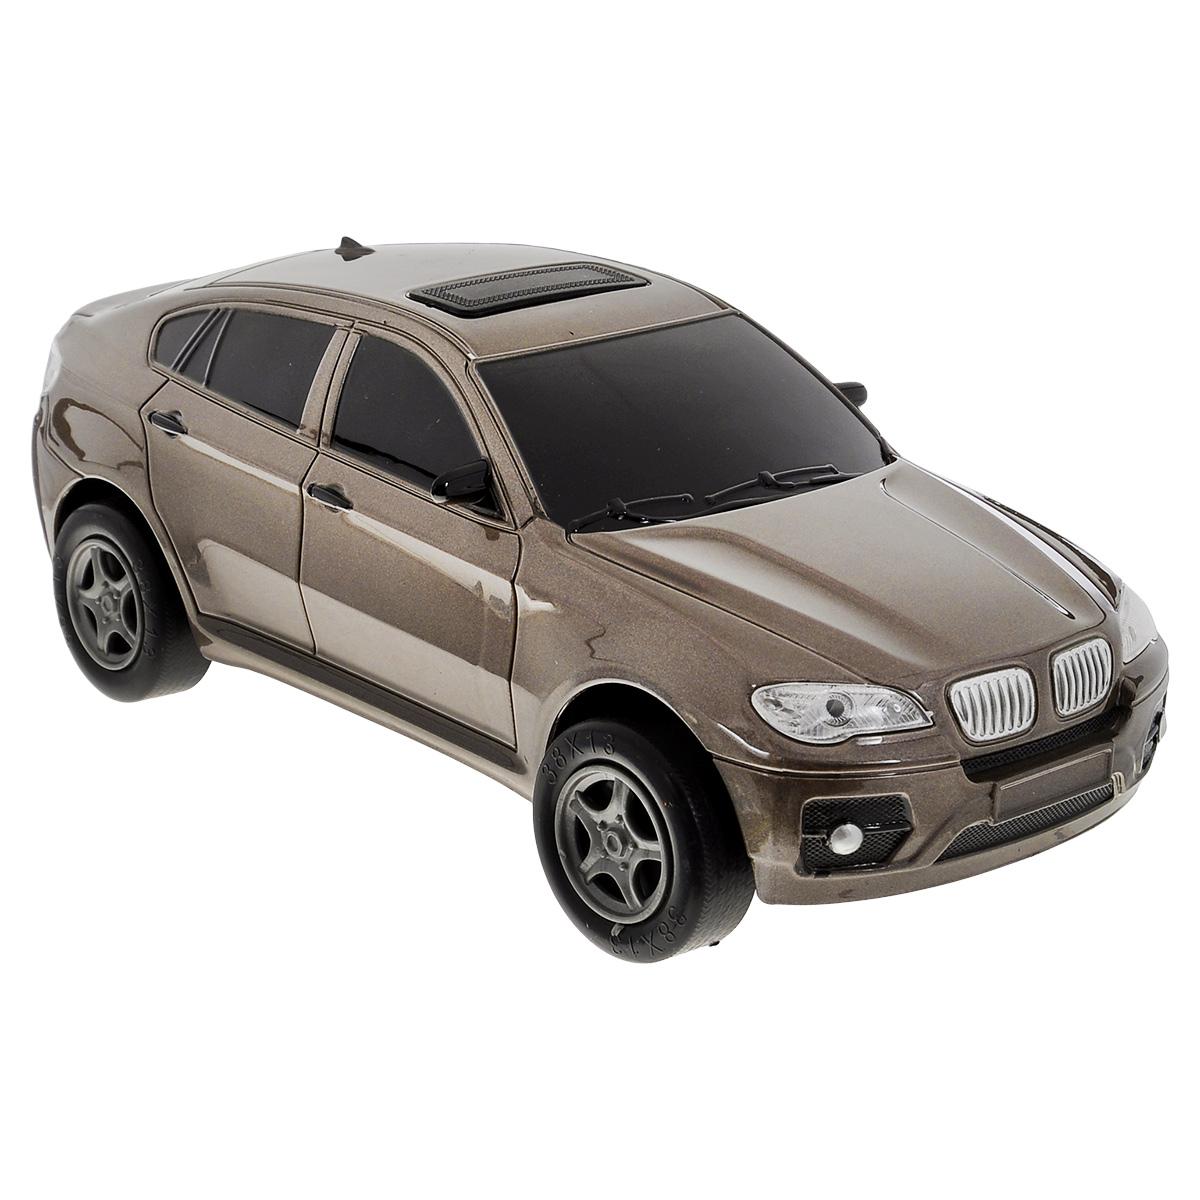 Пламенный мотор Машинка инерционная BMW цвет коричневый87429Игрушечный автомобиль Пламенный мотор с инерционным механизмом обязательно понравится вашему малышу. Он привлечет внимание вашего ребенка и надолго останется его любимой игрушкой. Машинка выполнена из пластмассы с элементами металла. Благодаря инерционному механизму игрушка может двигаться самостоятельно, стоит только откатить машинку назад, а затем отпустить, и она поедет вперед. Игрушка развивает концентрацию внимания, координацию движений, мелкую моторику рук, цветовое восприятие и воображение. Малыш будет в восторге от такого подарка!